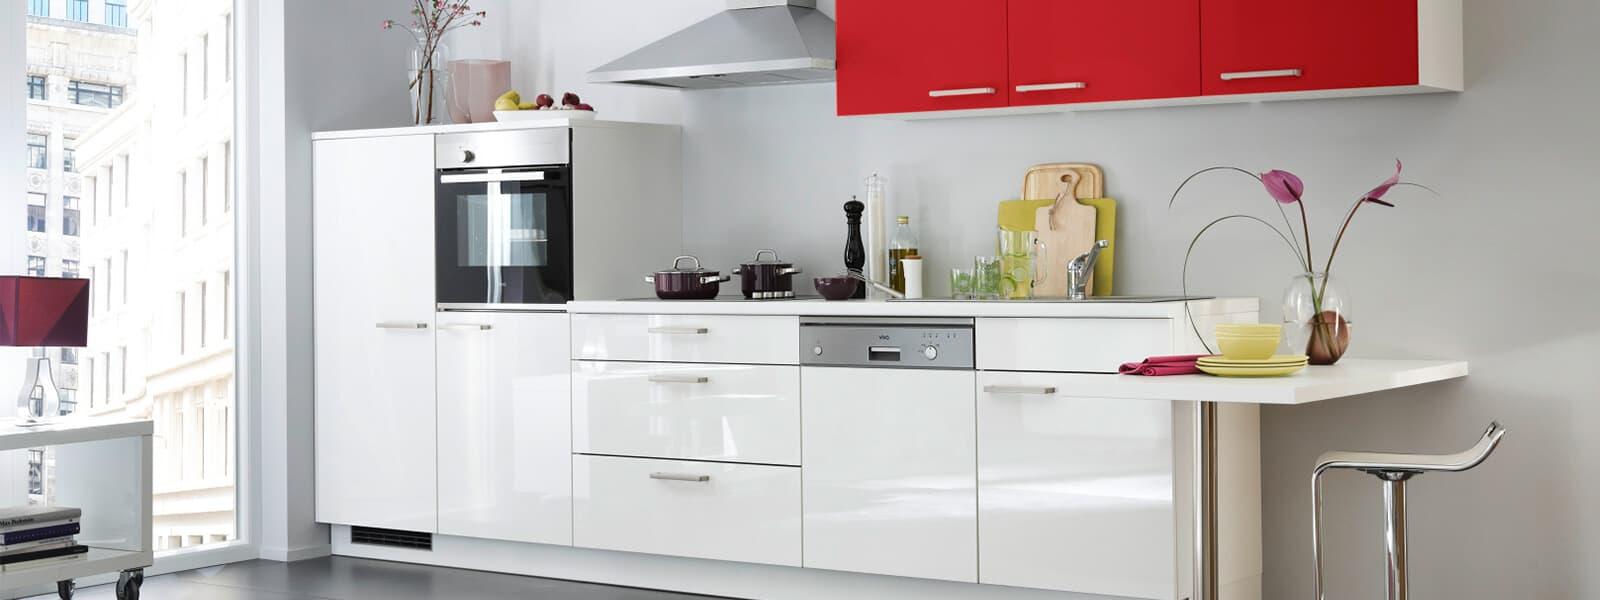 Full Size of Kchenzeilen Bei Der Opti Kchenwelt Kaufen Küche Selbst Zusammenstellen Sofa Verkaufen Ikea Kosten Billig Günstig L Mit Elektrogeräten Stengel Miniküche Wohnzimmer Kleine Küche Kaufen